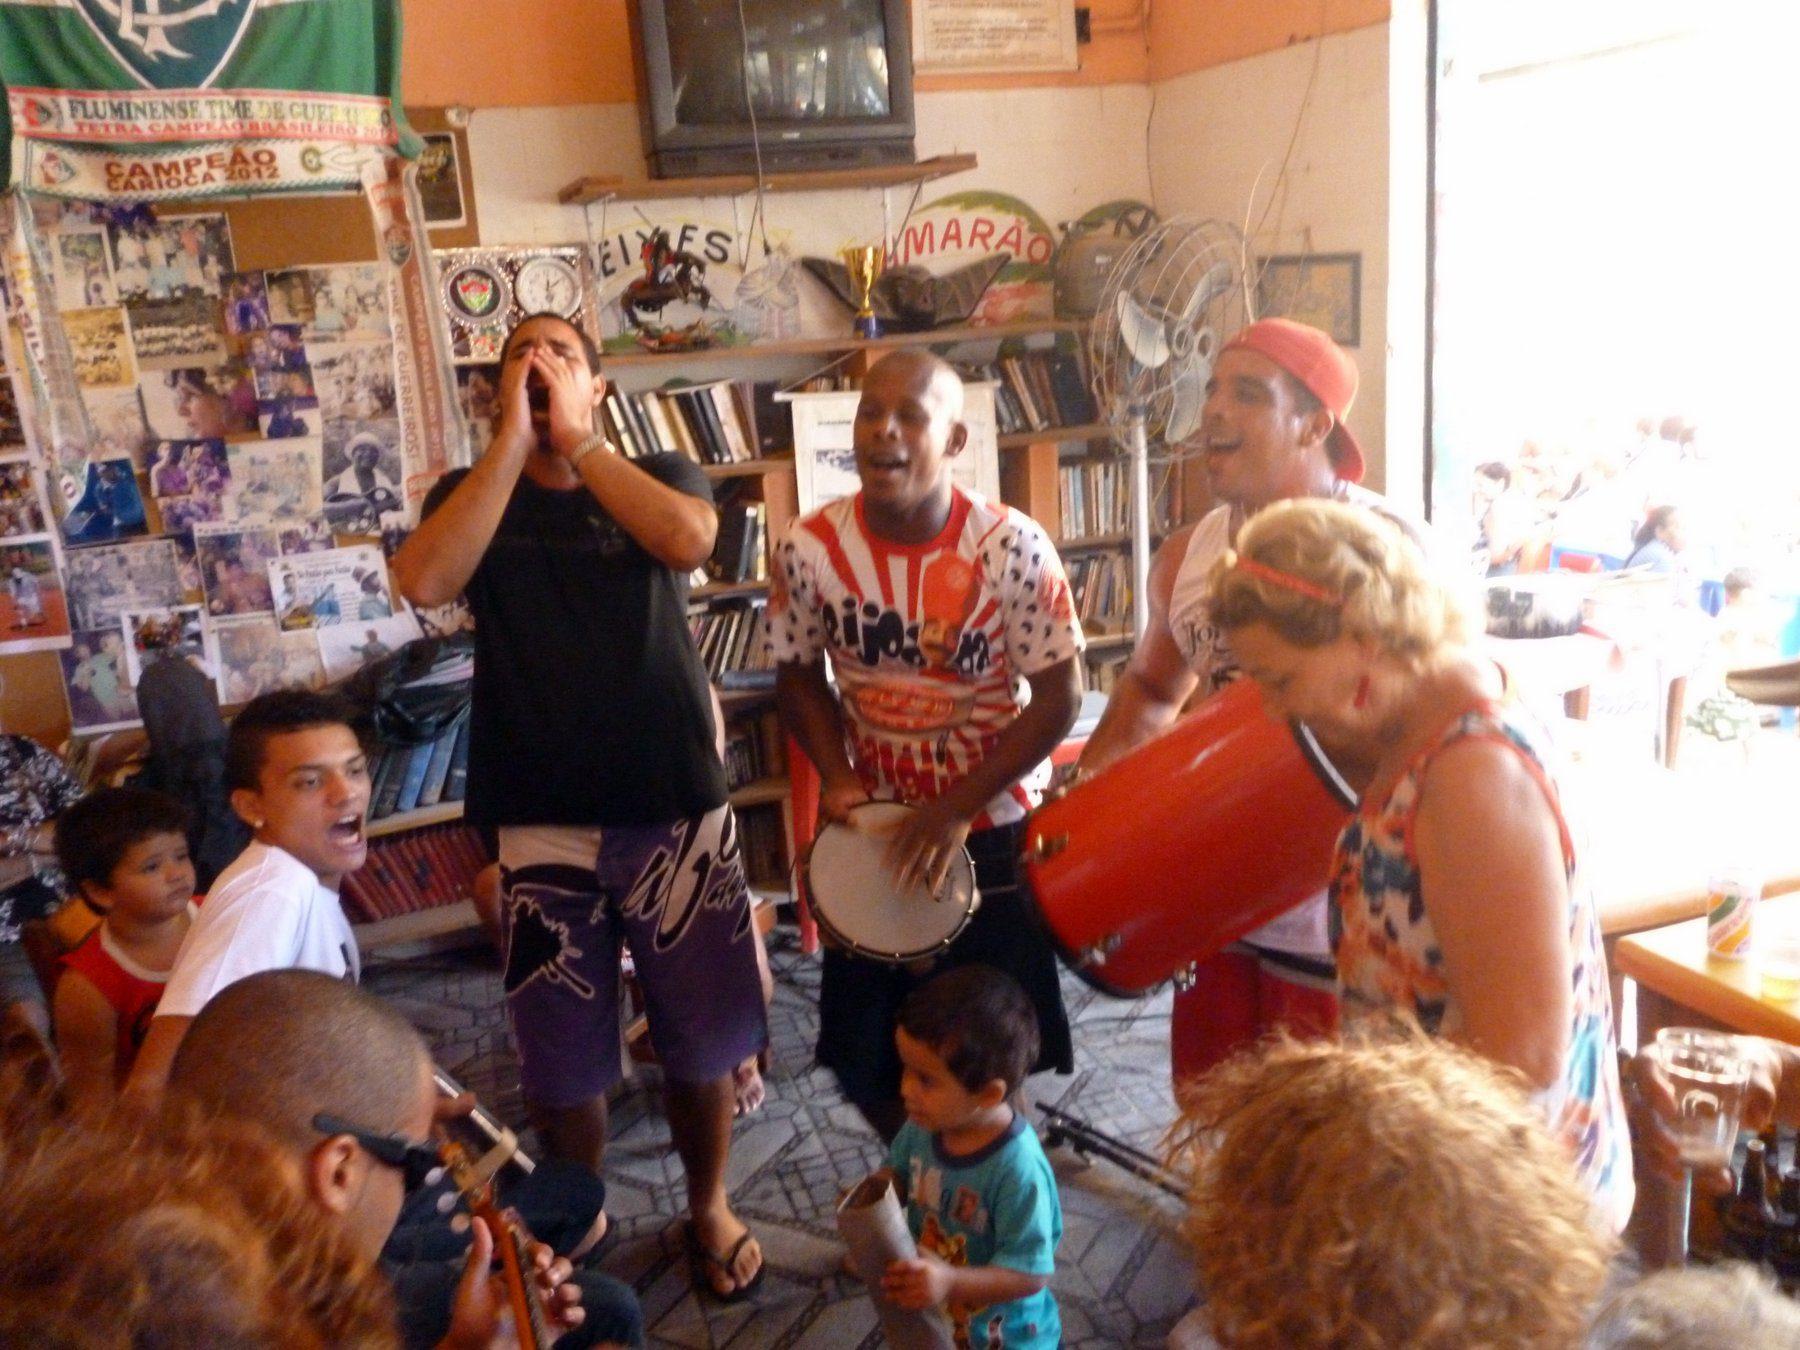 4443d3ab1c0 Brasiilia ringreis - Rio karnevalist Amazoona dzunglini - Kon Tiki